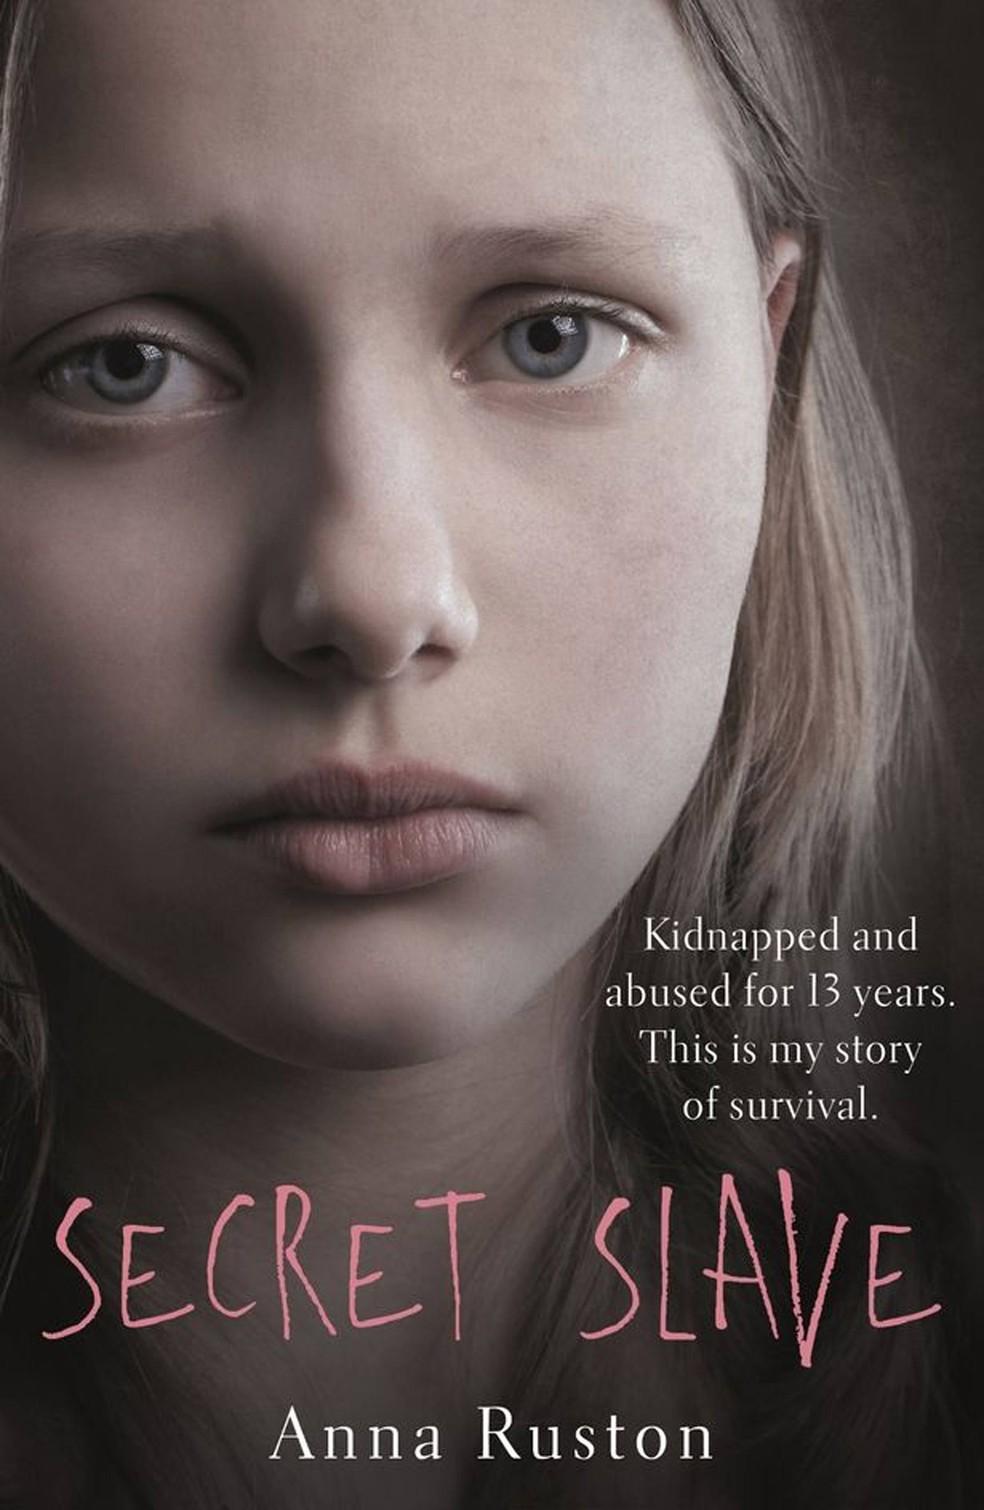 secret-slave-livro-sequestro-e-escrava-sexual-inglaterra